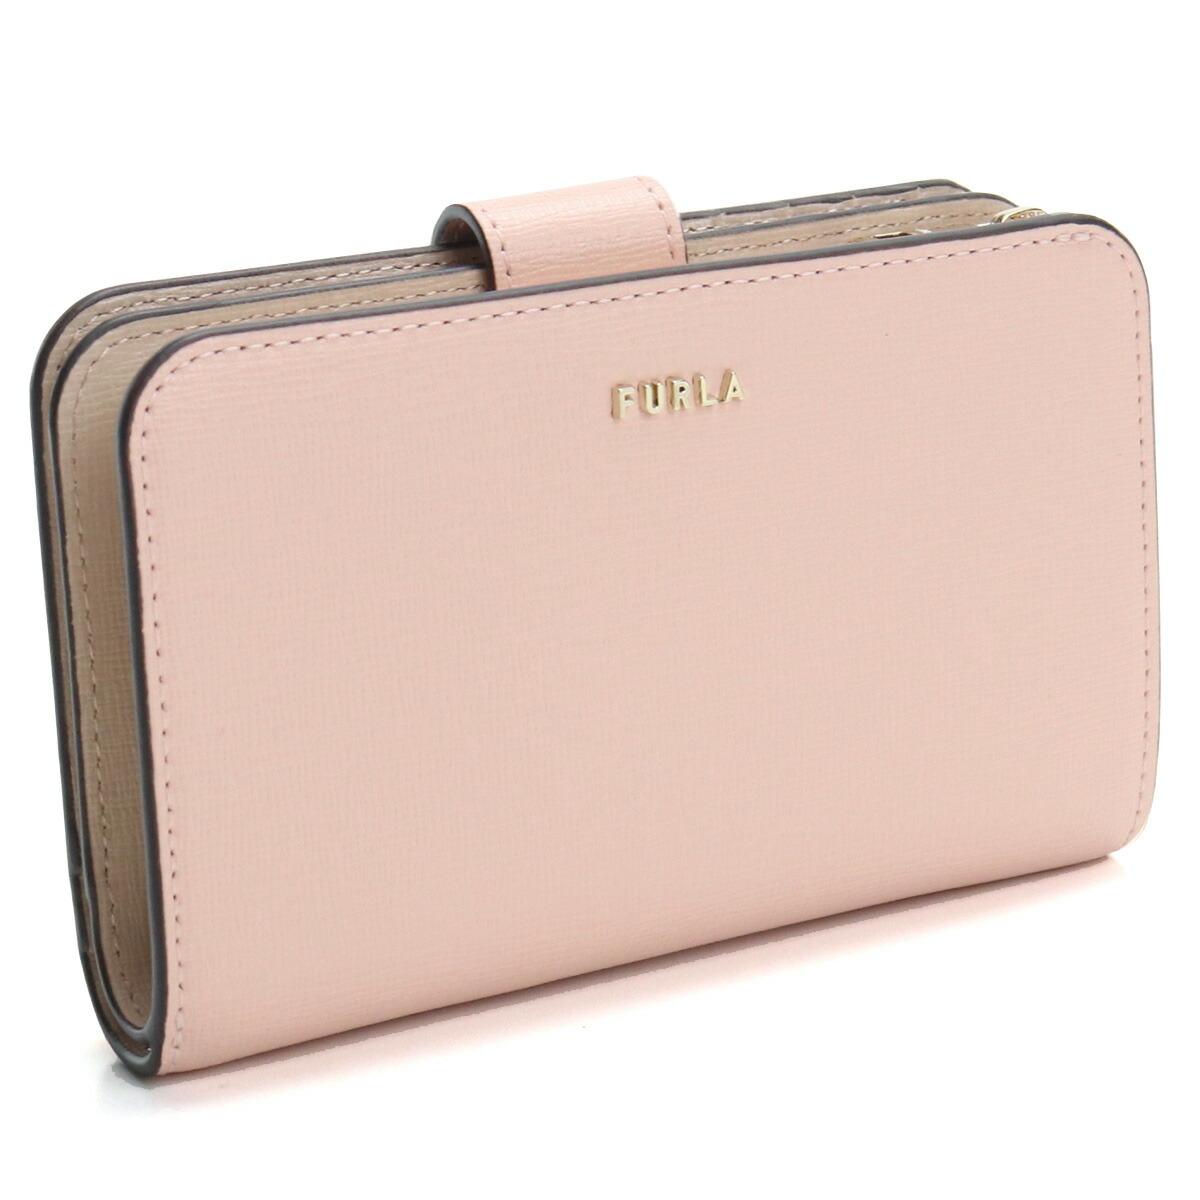 フルラ FURLA BABYLON 2つ折り財布 PCX9UNO B30000 BNH00 CANDY ROSE+BALLERINA ピンク系 レディース